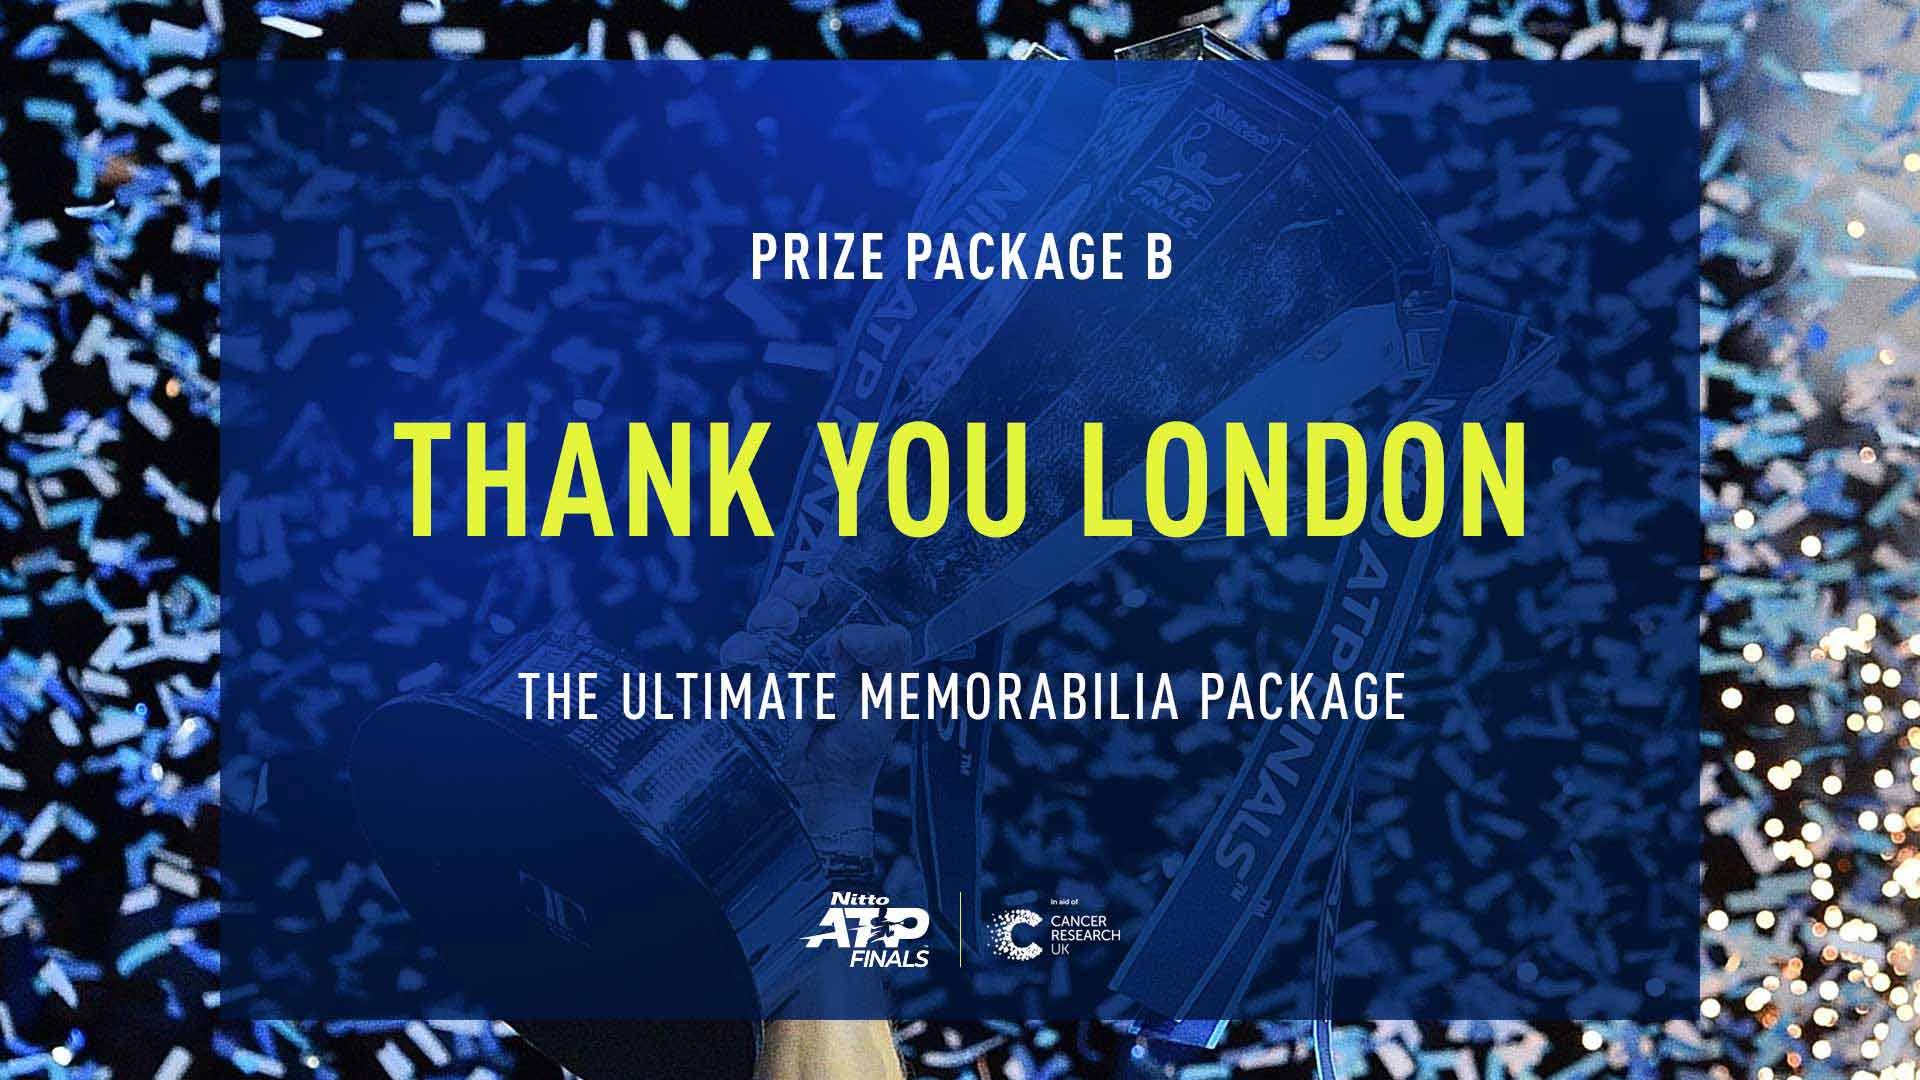 Thank You London